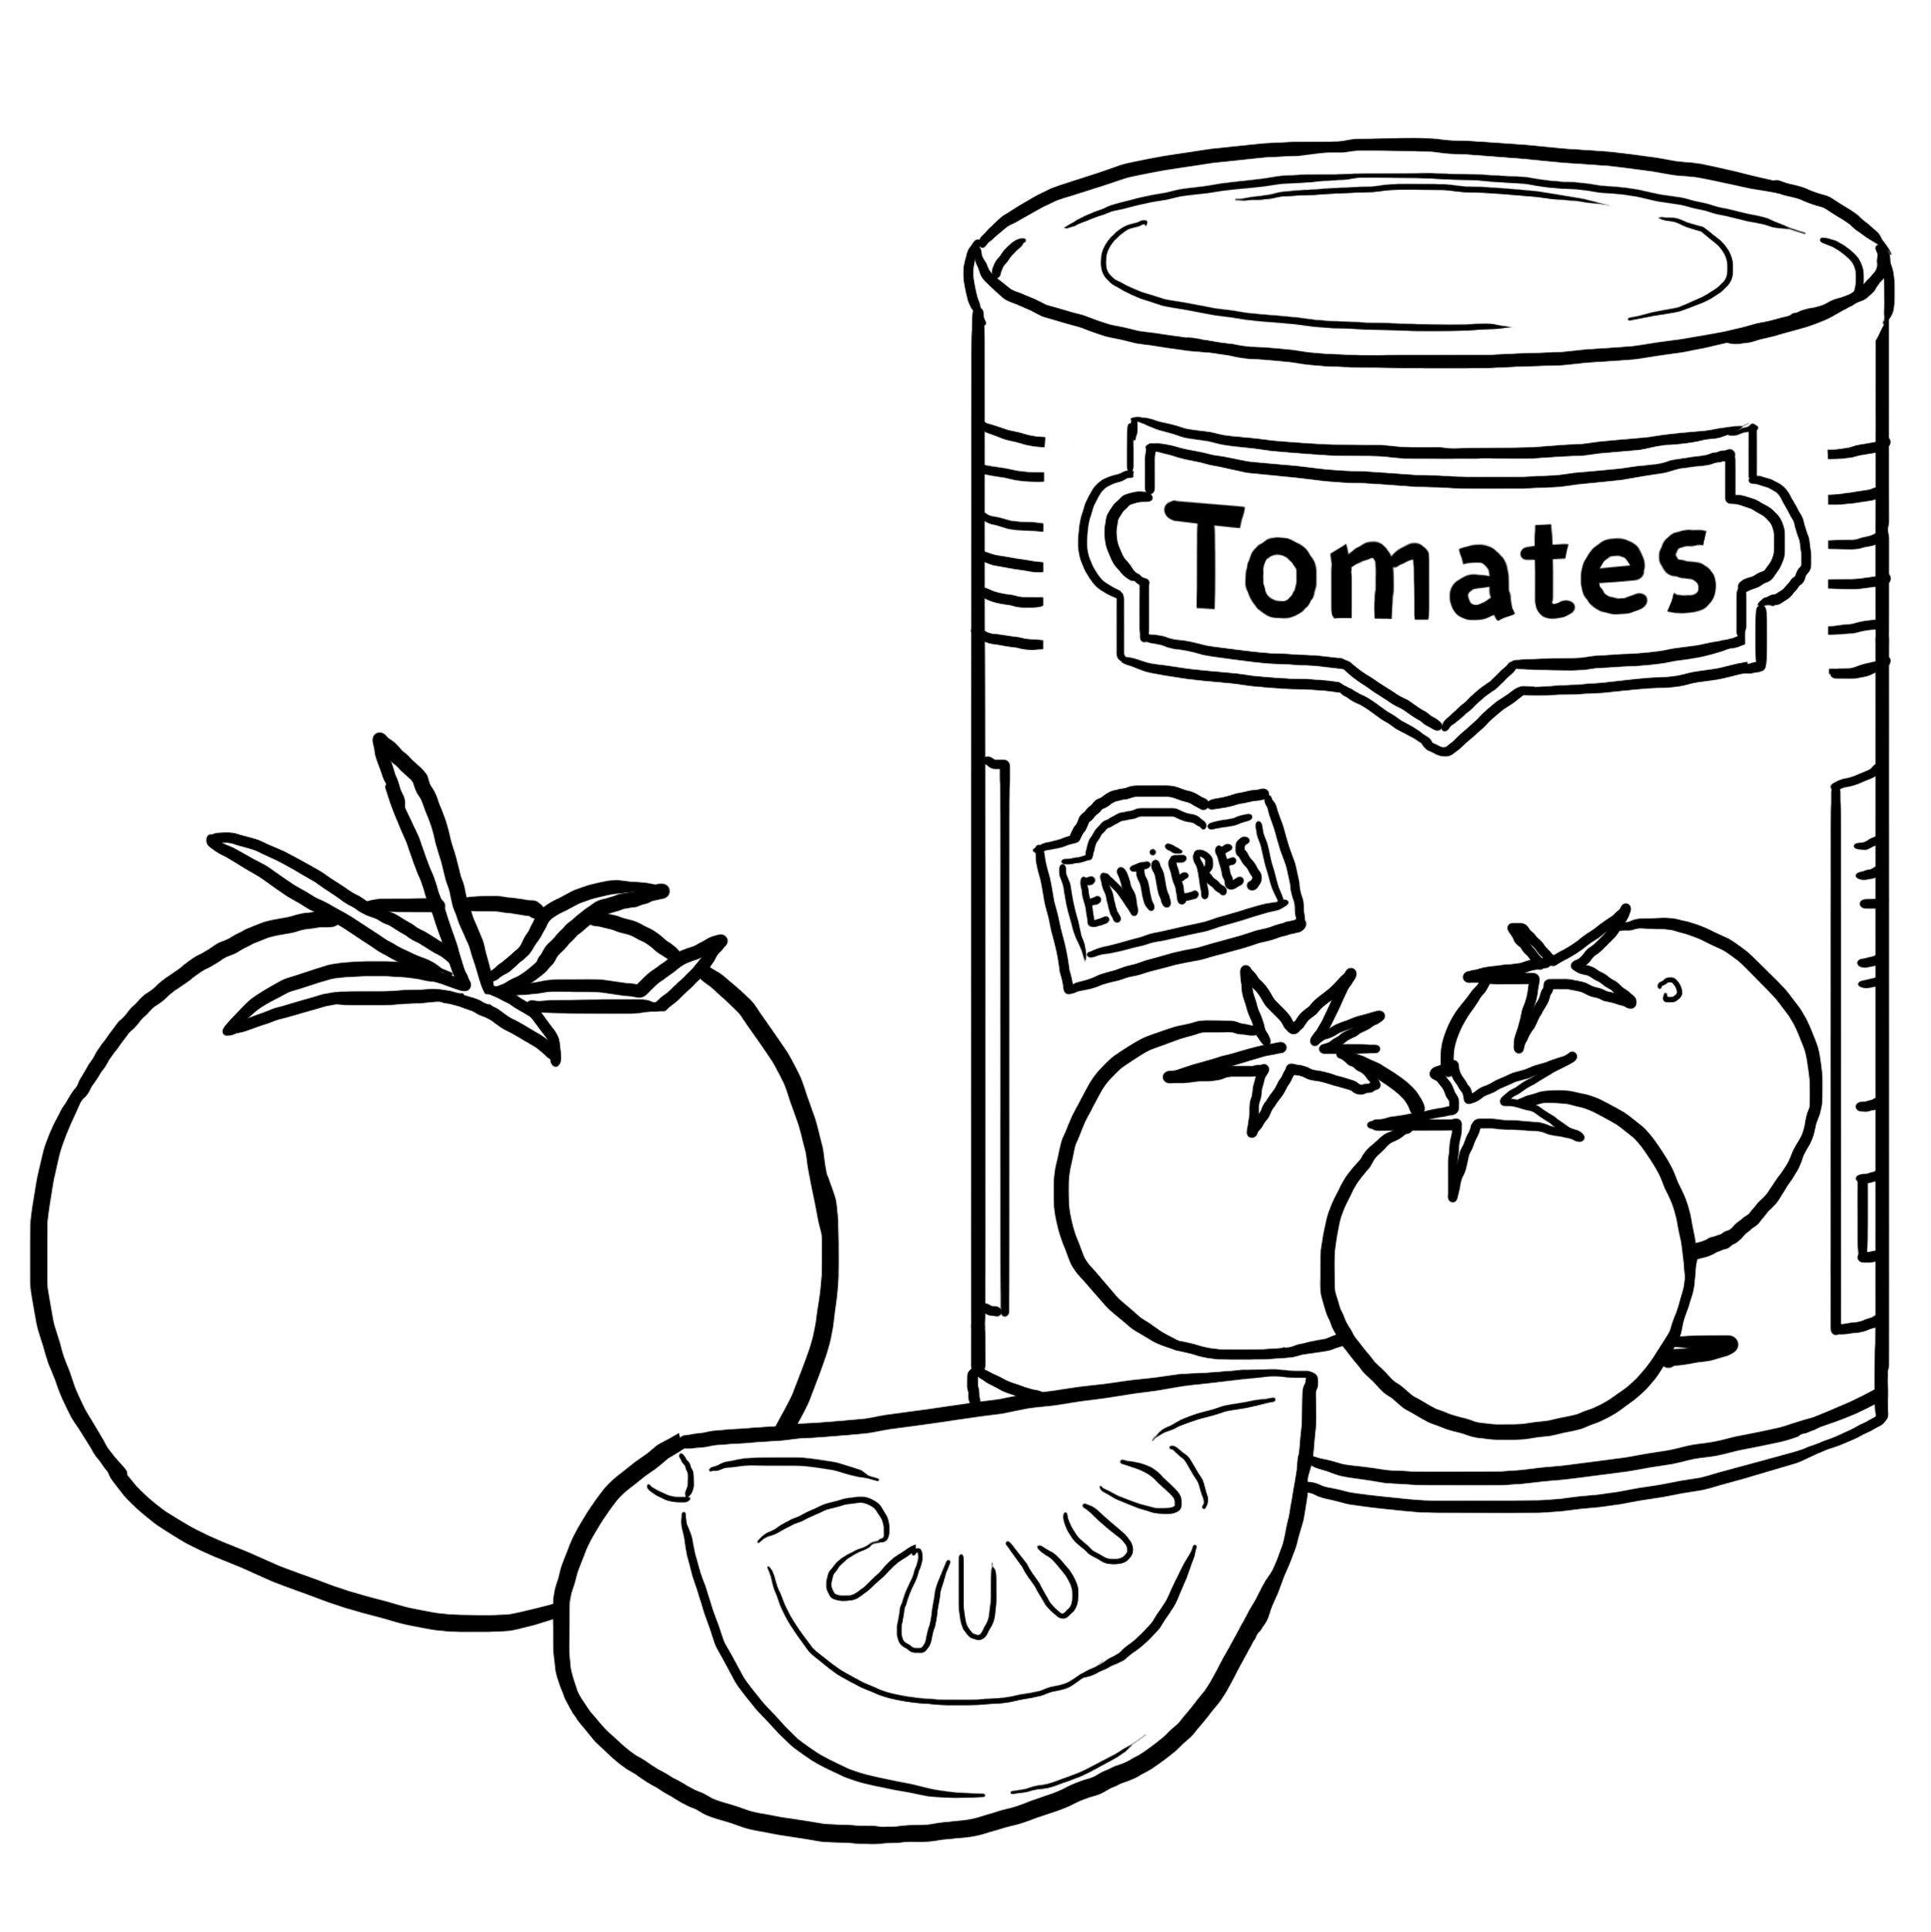 Coloriage Pomme Et Oignon Dessin Anime.Tomate Dessin A Colorier Coloriage Printable Pdf Jeu A